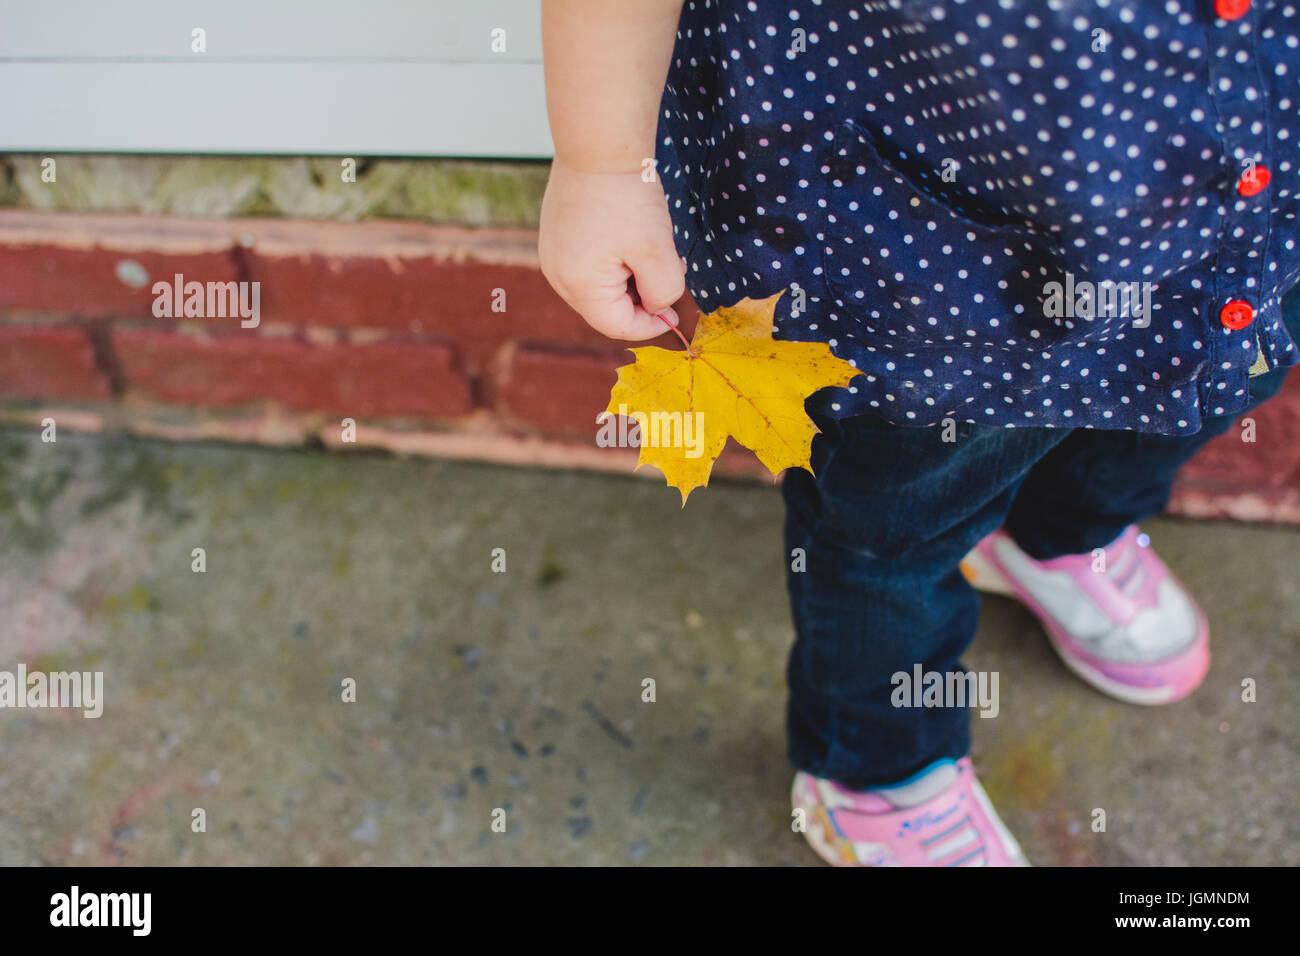 Un joven niño mantenga una hoja amarilla en otoño. Imagen De Stock